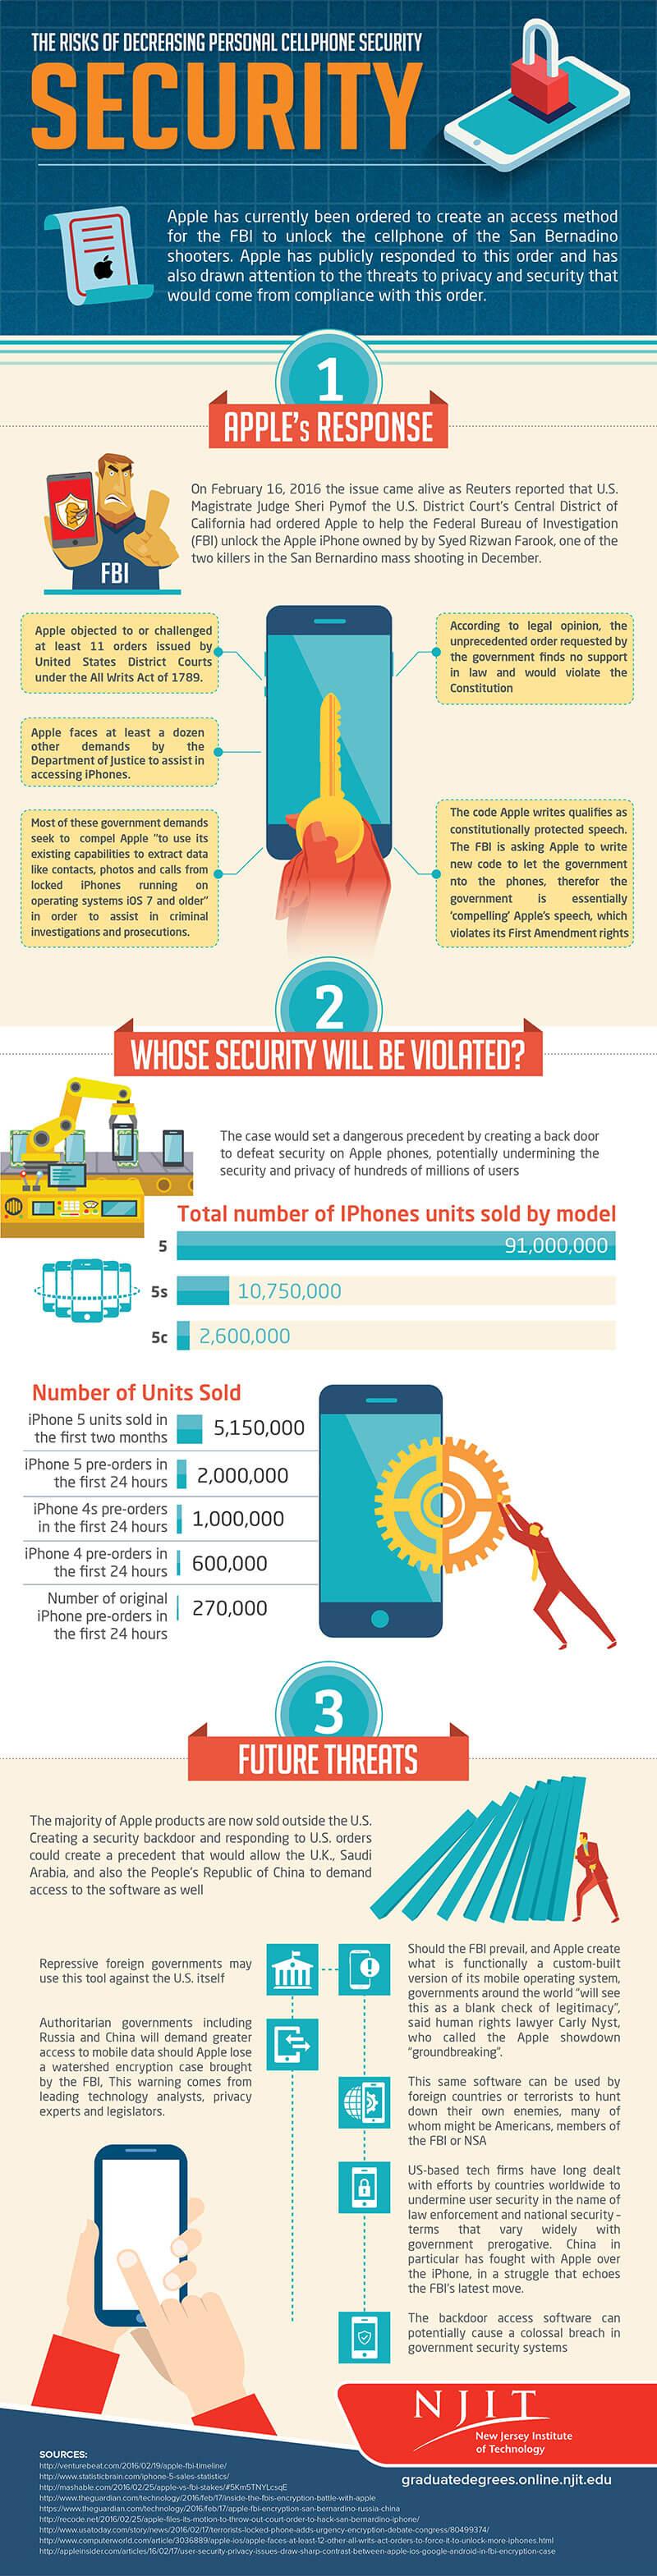 The-risks-of-decreasing-security-a9a6de4c7886c1afbd0940b5bb55ea1b4d04f61c